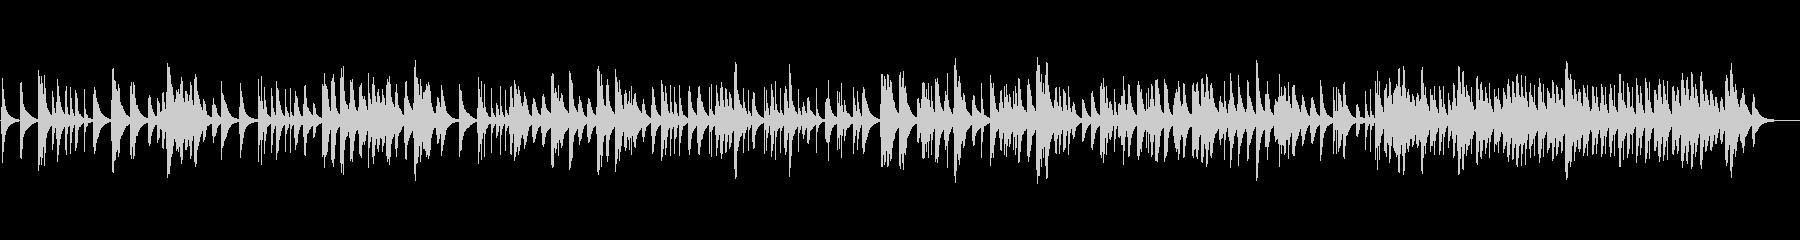 バッハ「ゴルトベルク変奏曲」のオルゴールの未再生の波形